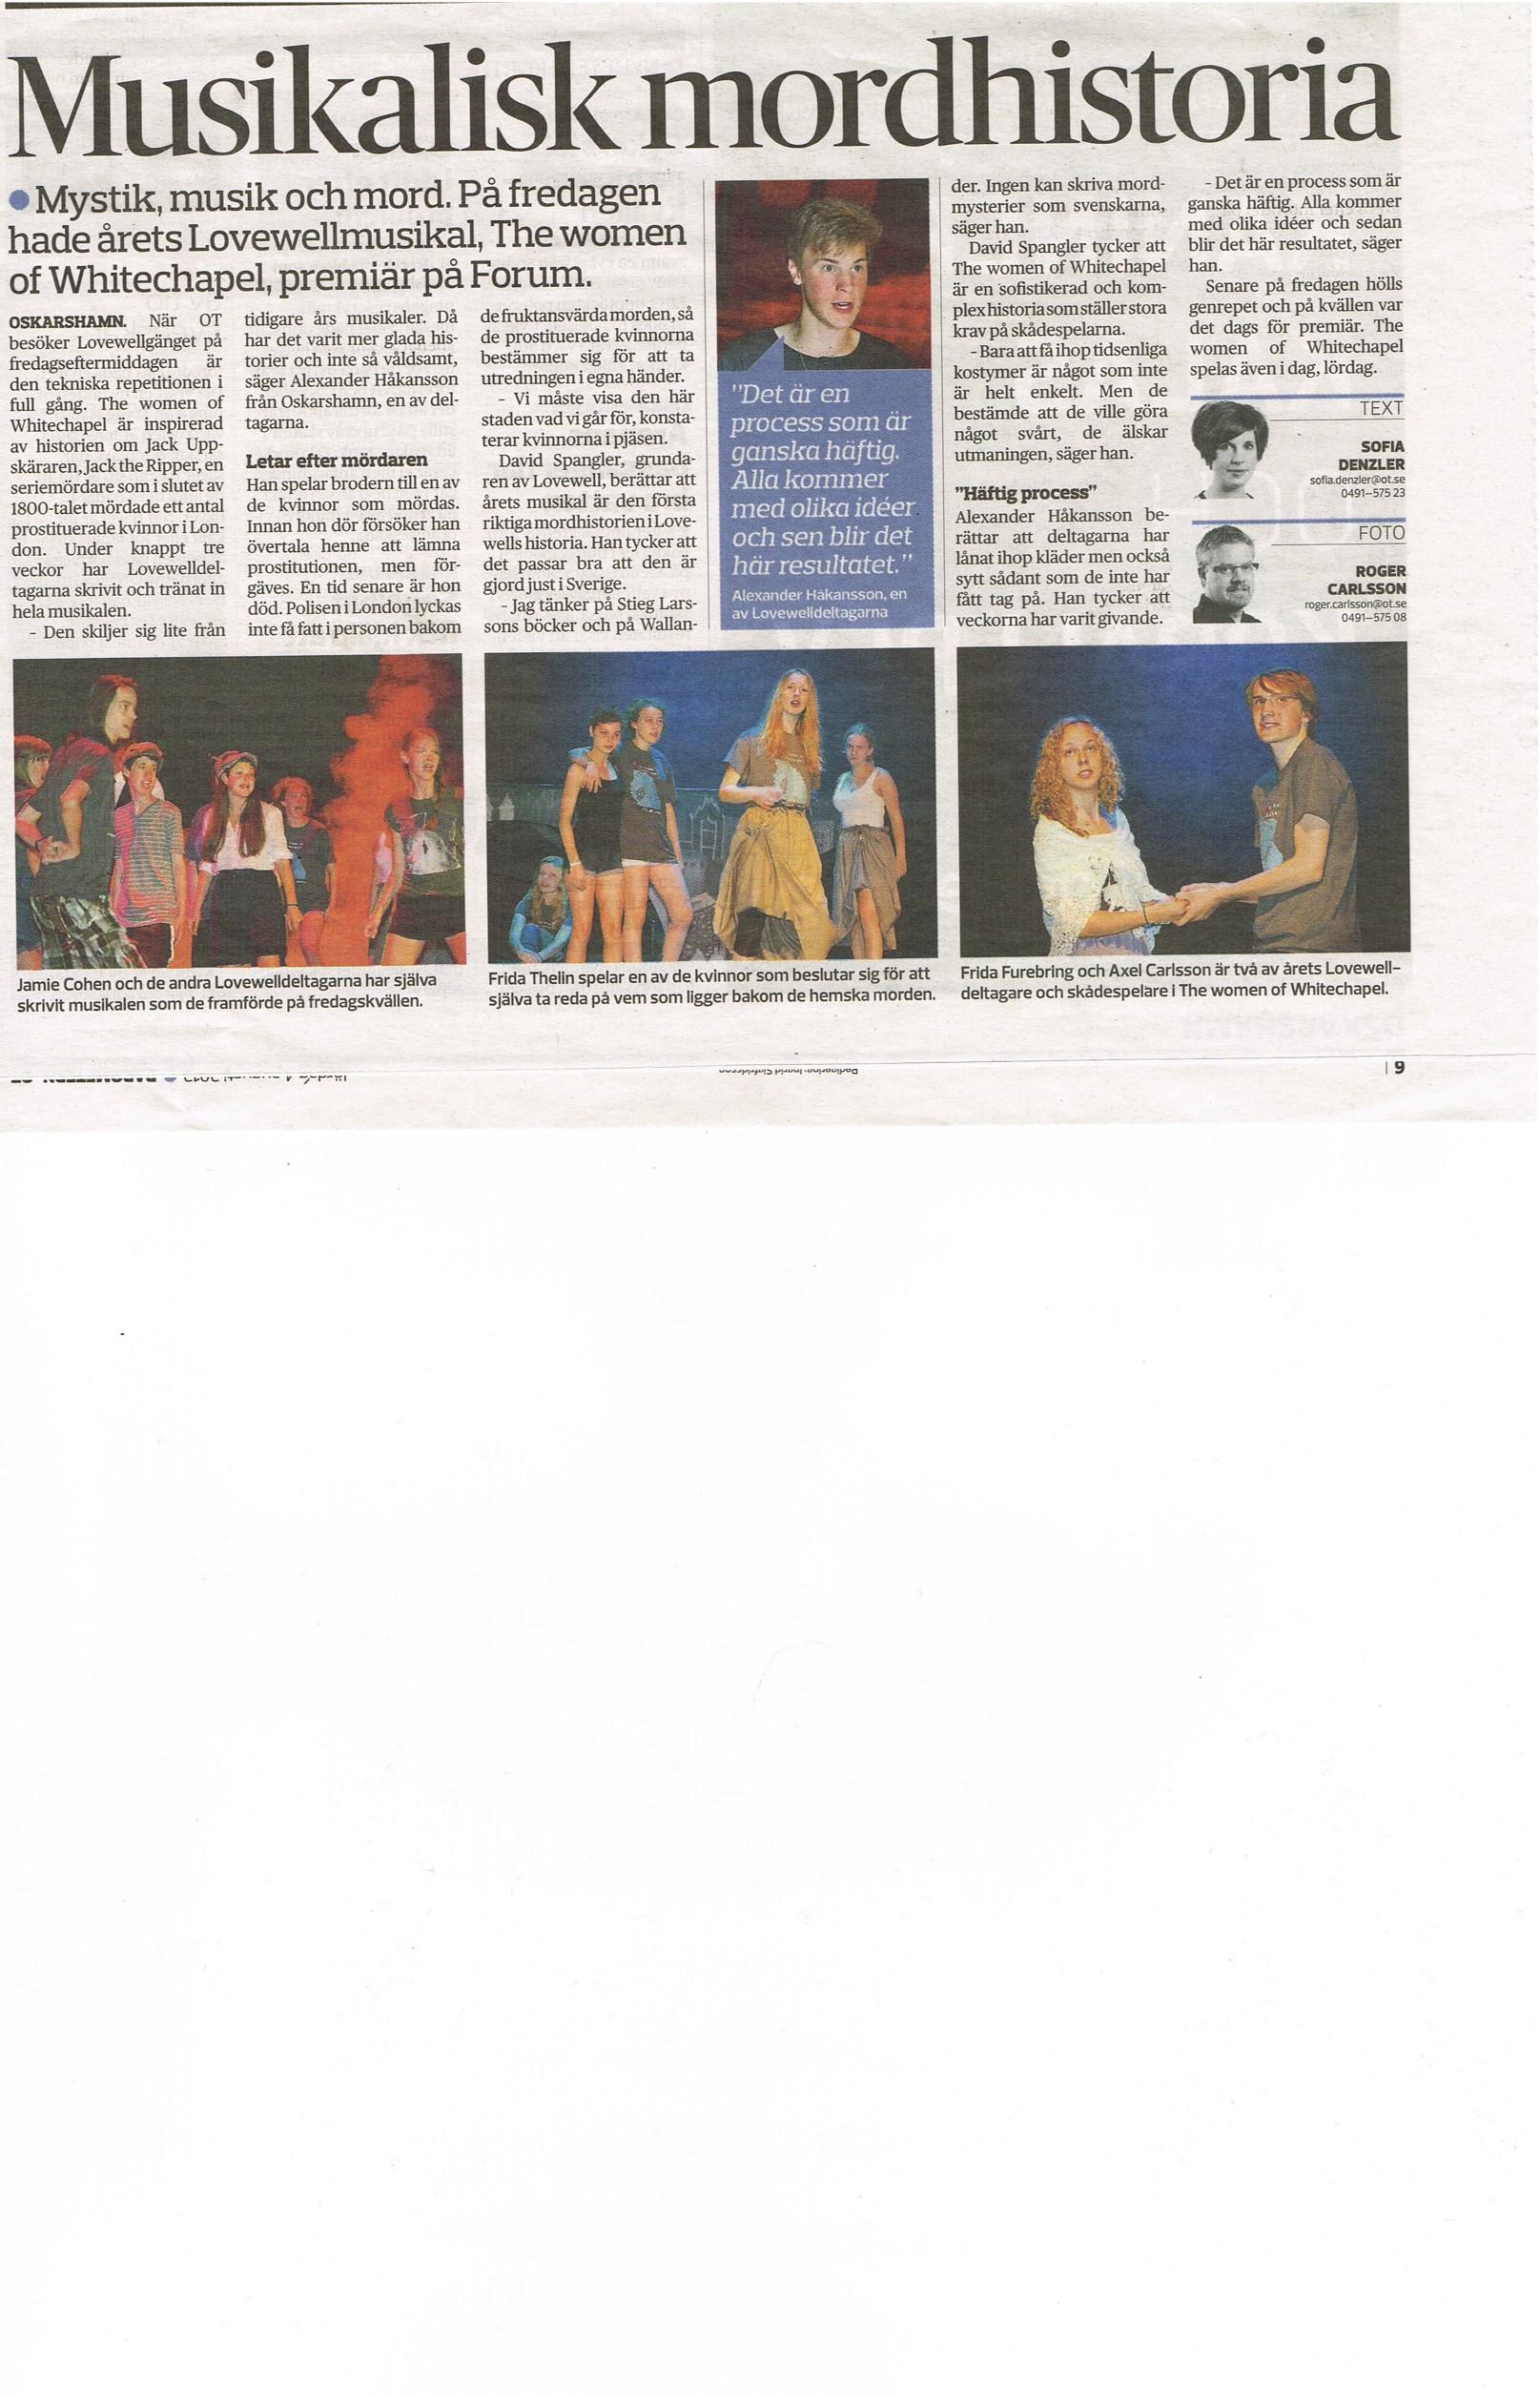 Oskarshamns-Tidningen-August 4th, 2012